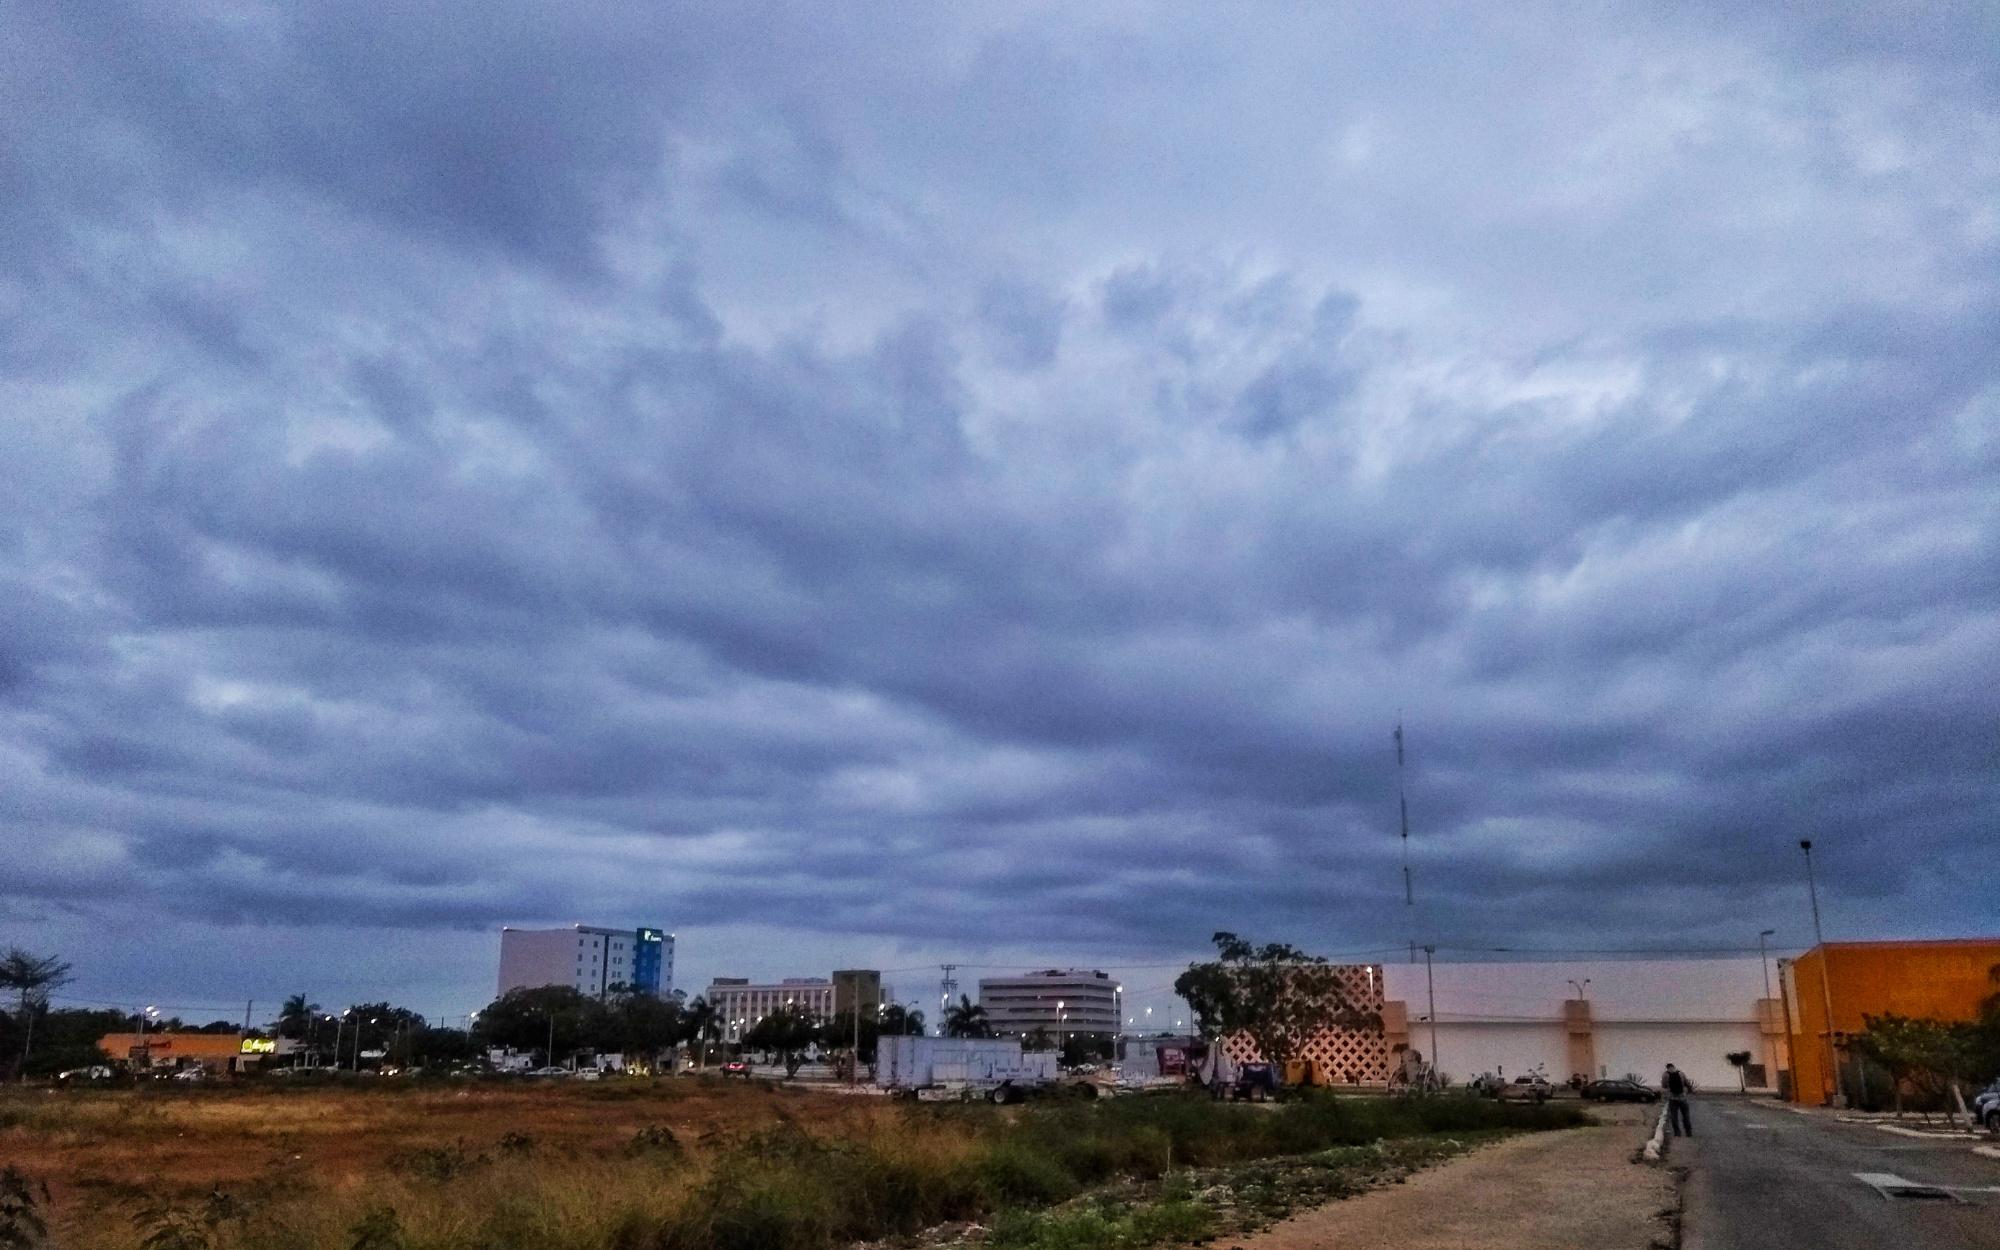 Más y más frío para la Península de Yucatán; hoy llega el norte 23 (video)